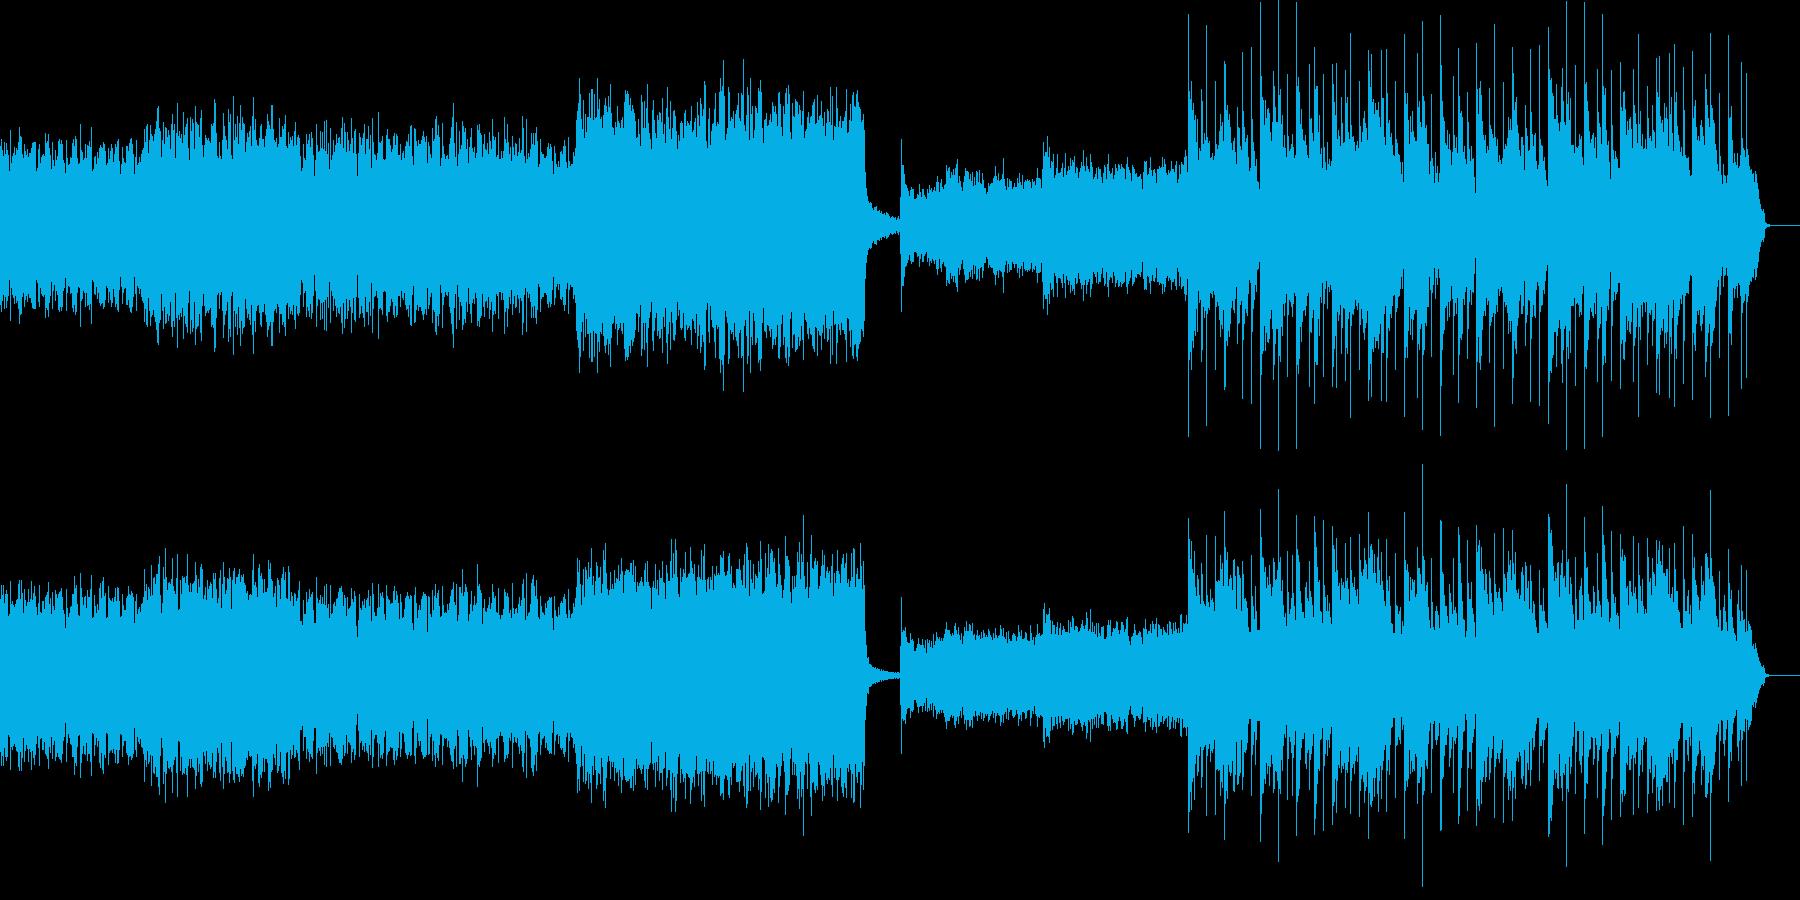 暗くそして深くダークな曲の再生済みの波形